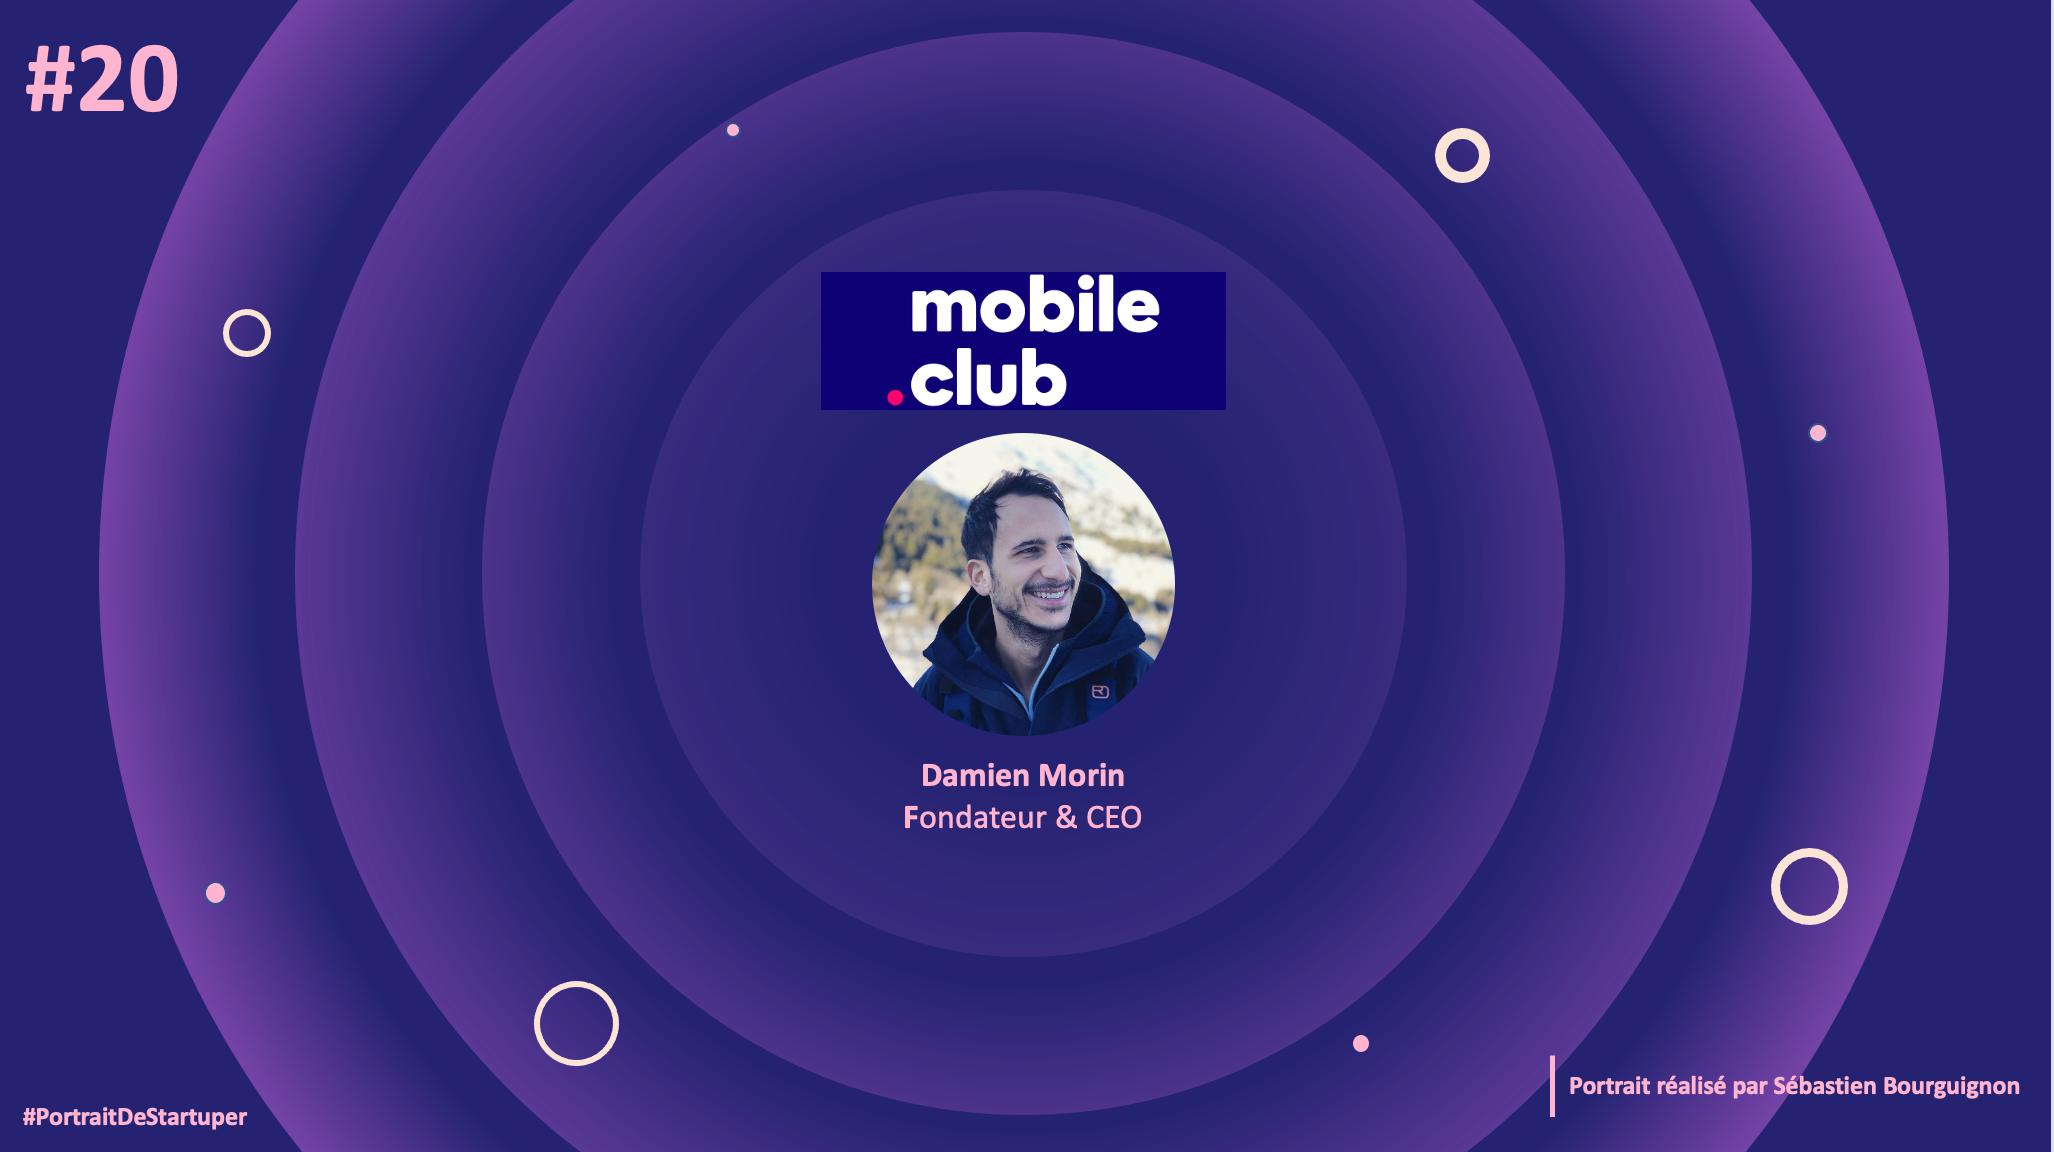 mobile.club